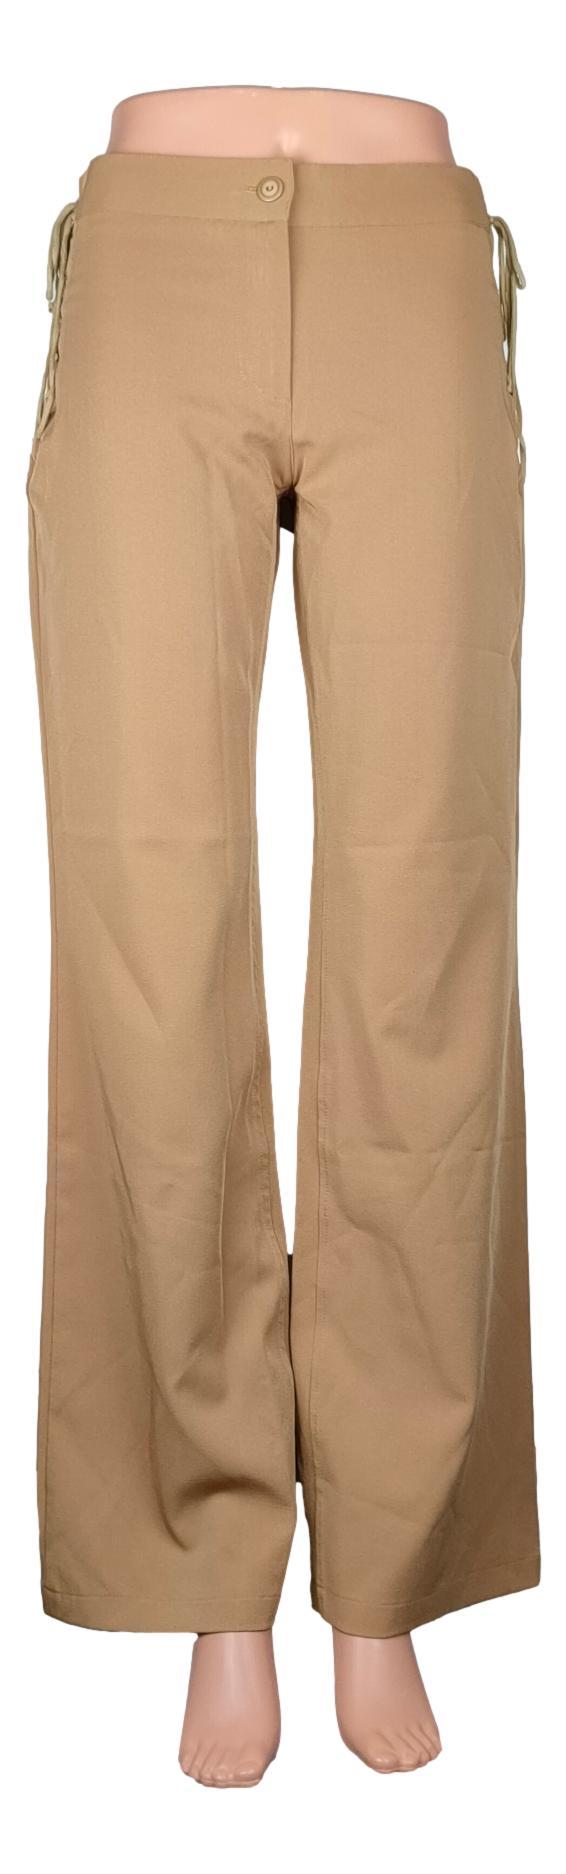 Pantalon Jacqueline - Taille 38